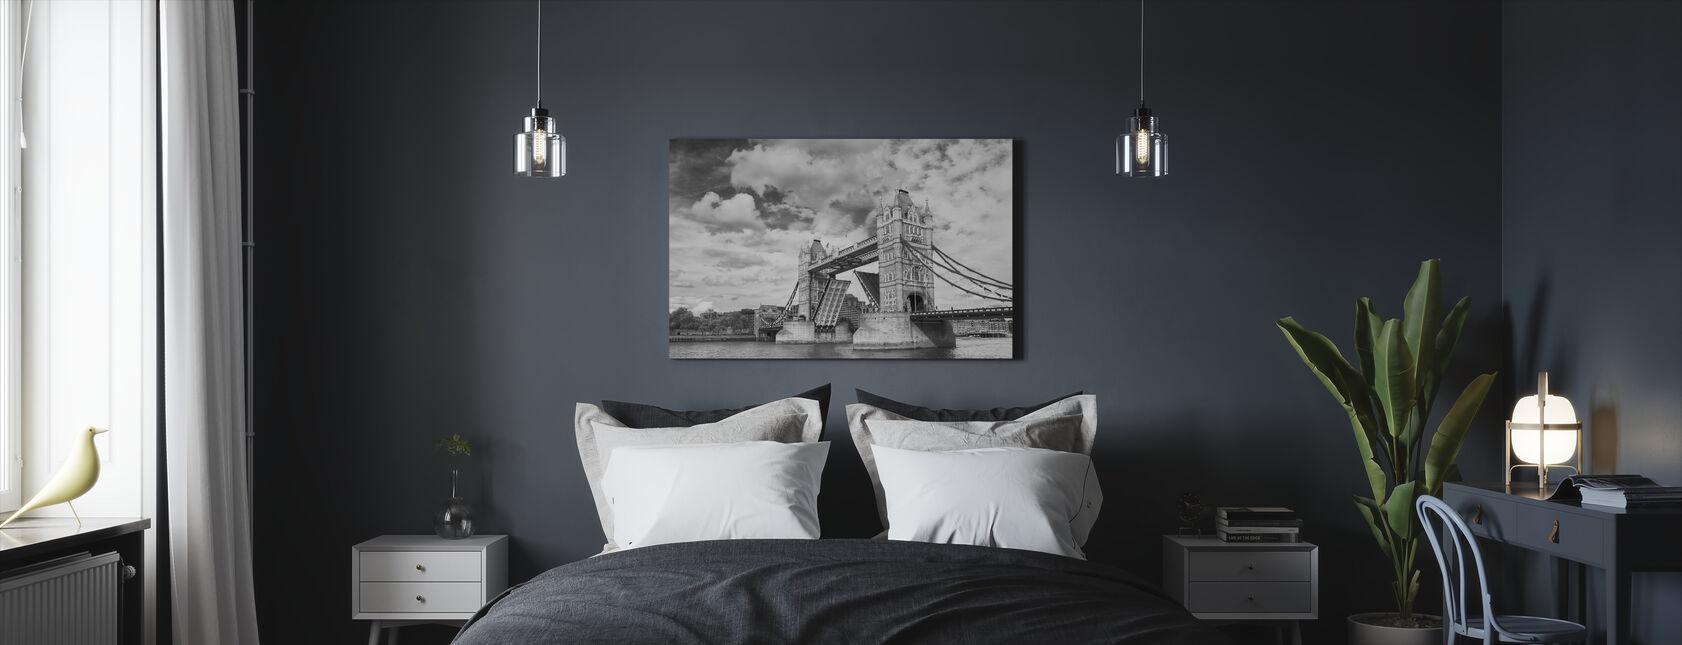 Tower Bridge avaaminen - Canvastaulu - Makuuhuone